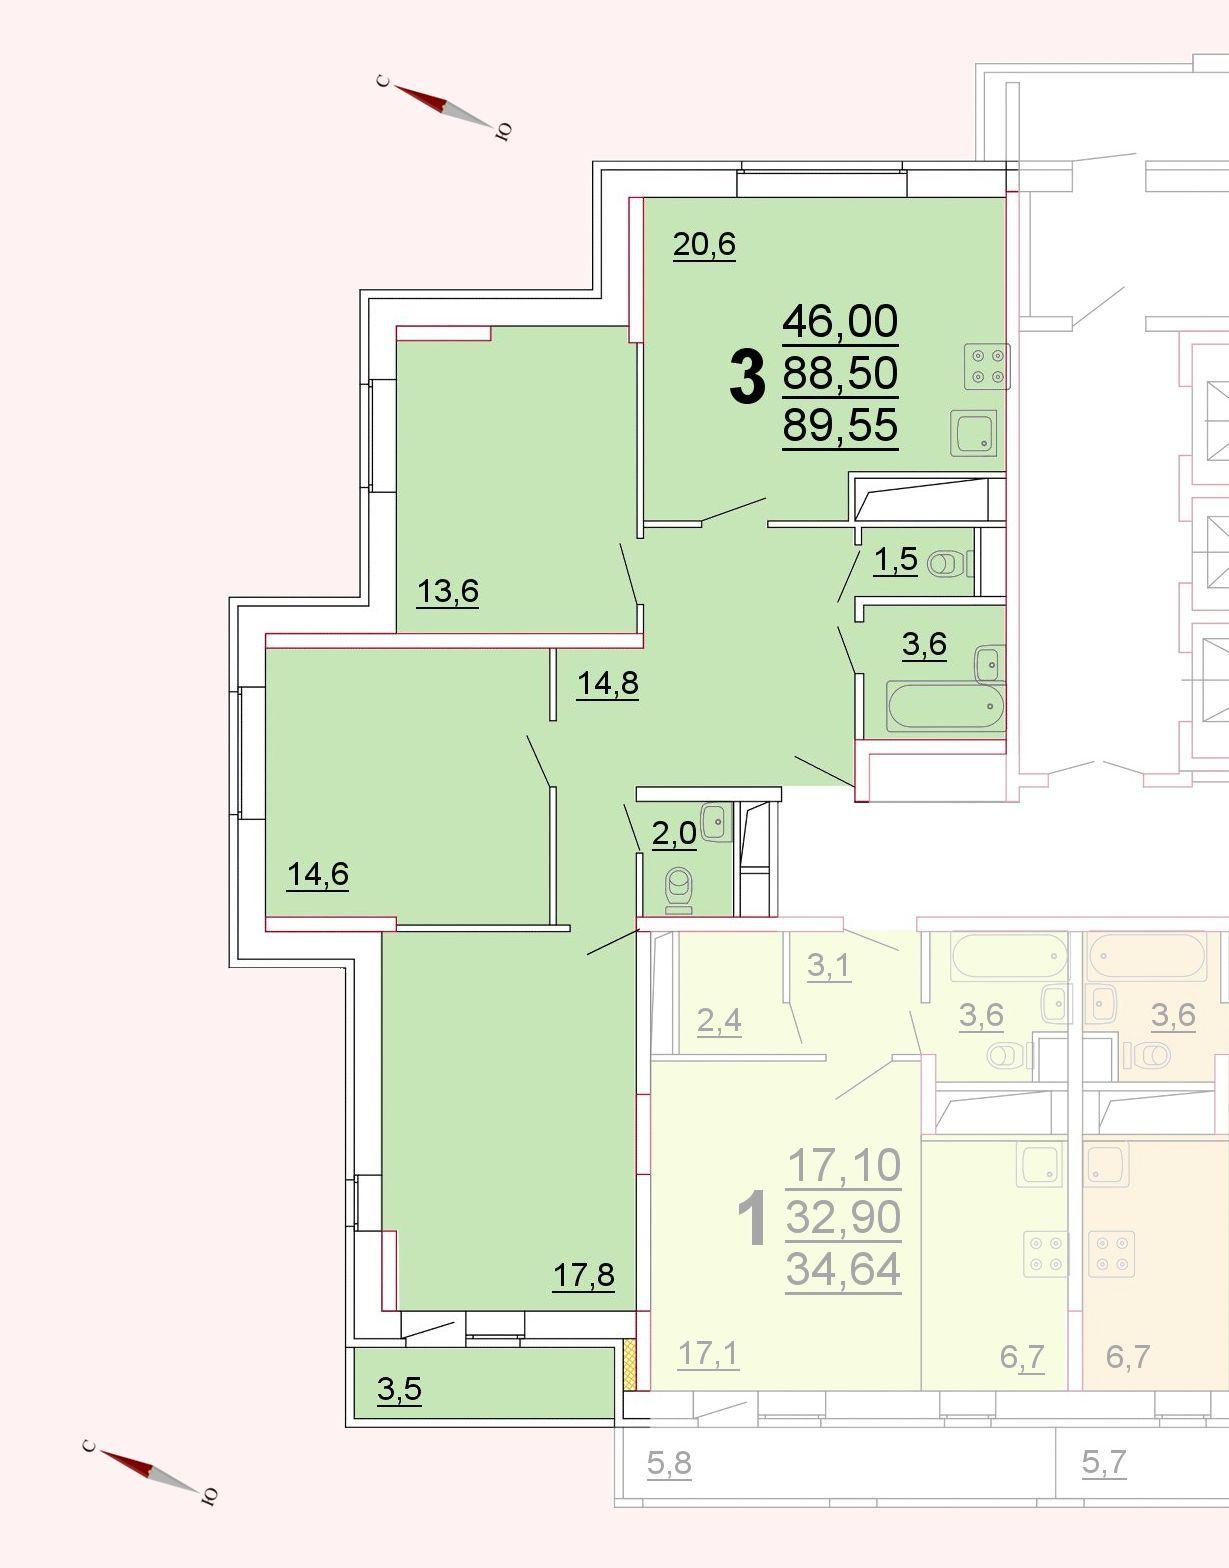 Микрорайон «Центральный», корпус 52г, секция 1, квартира 89,55 м2